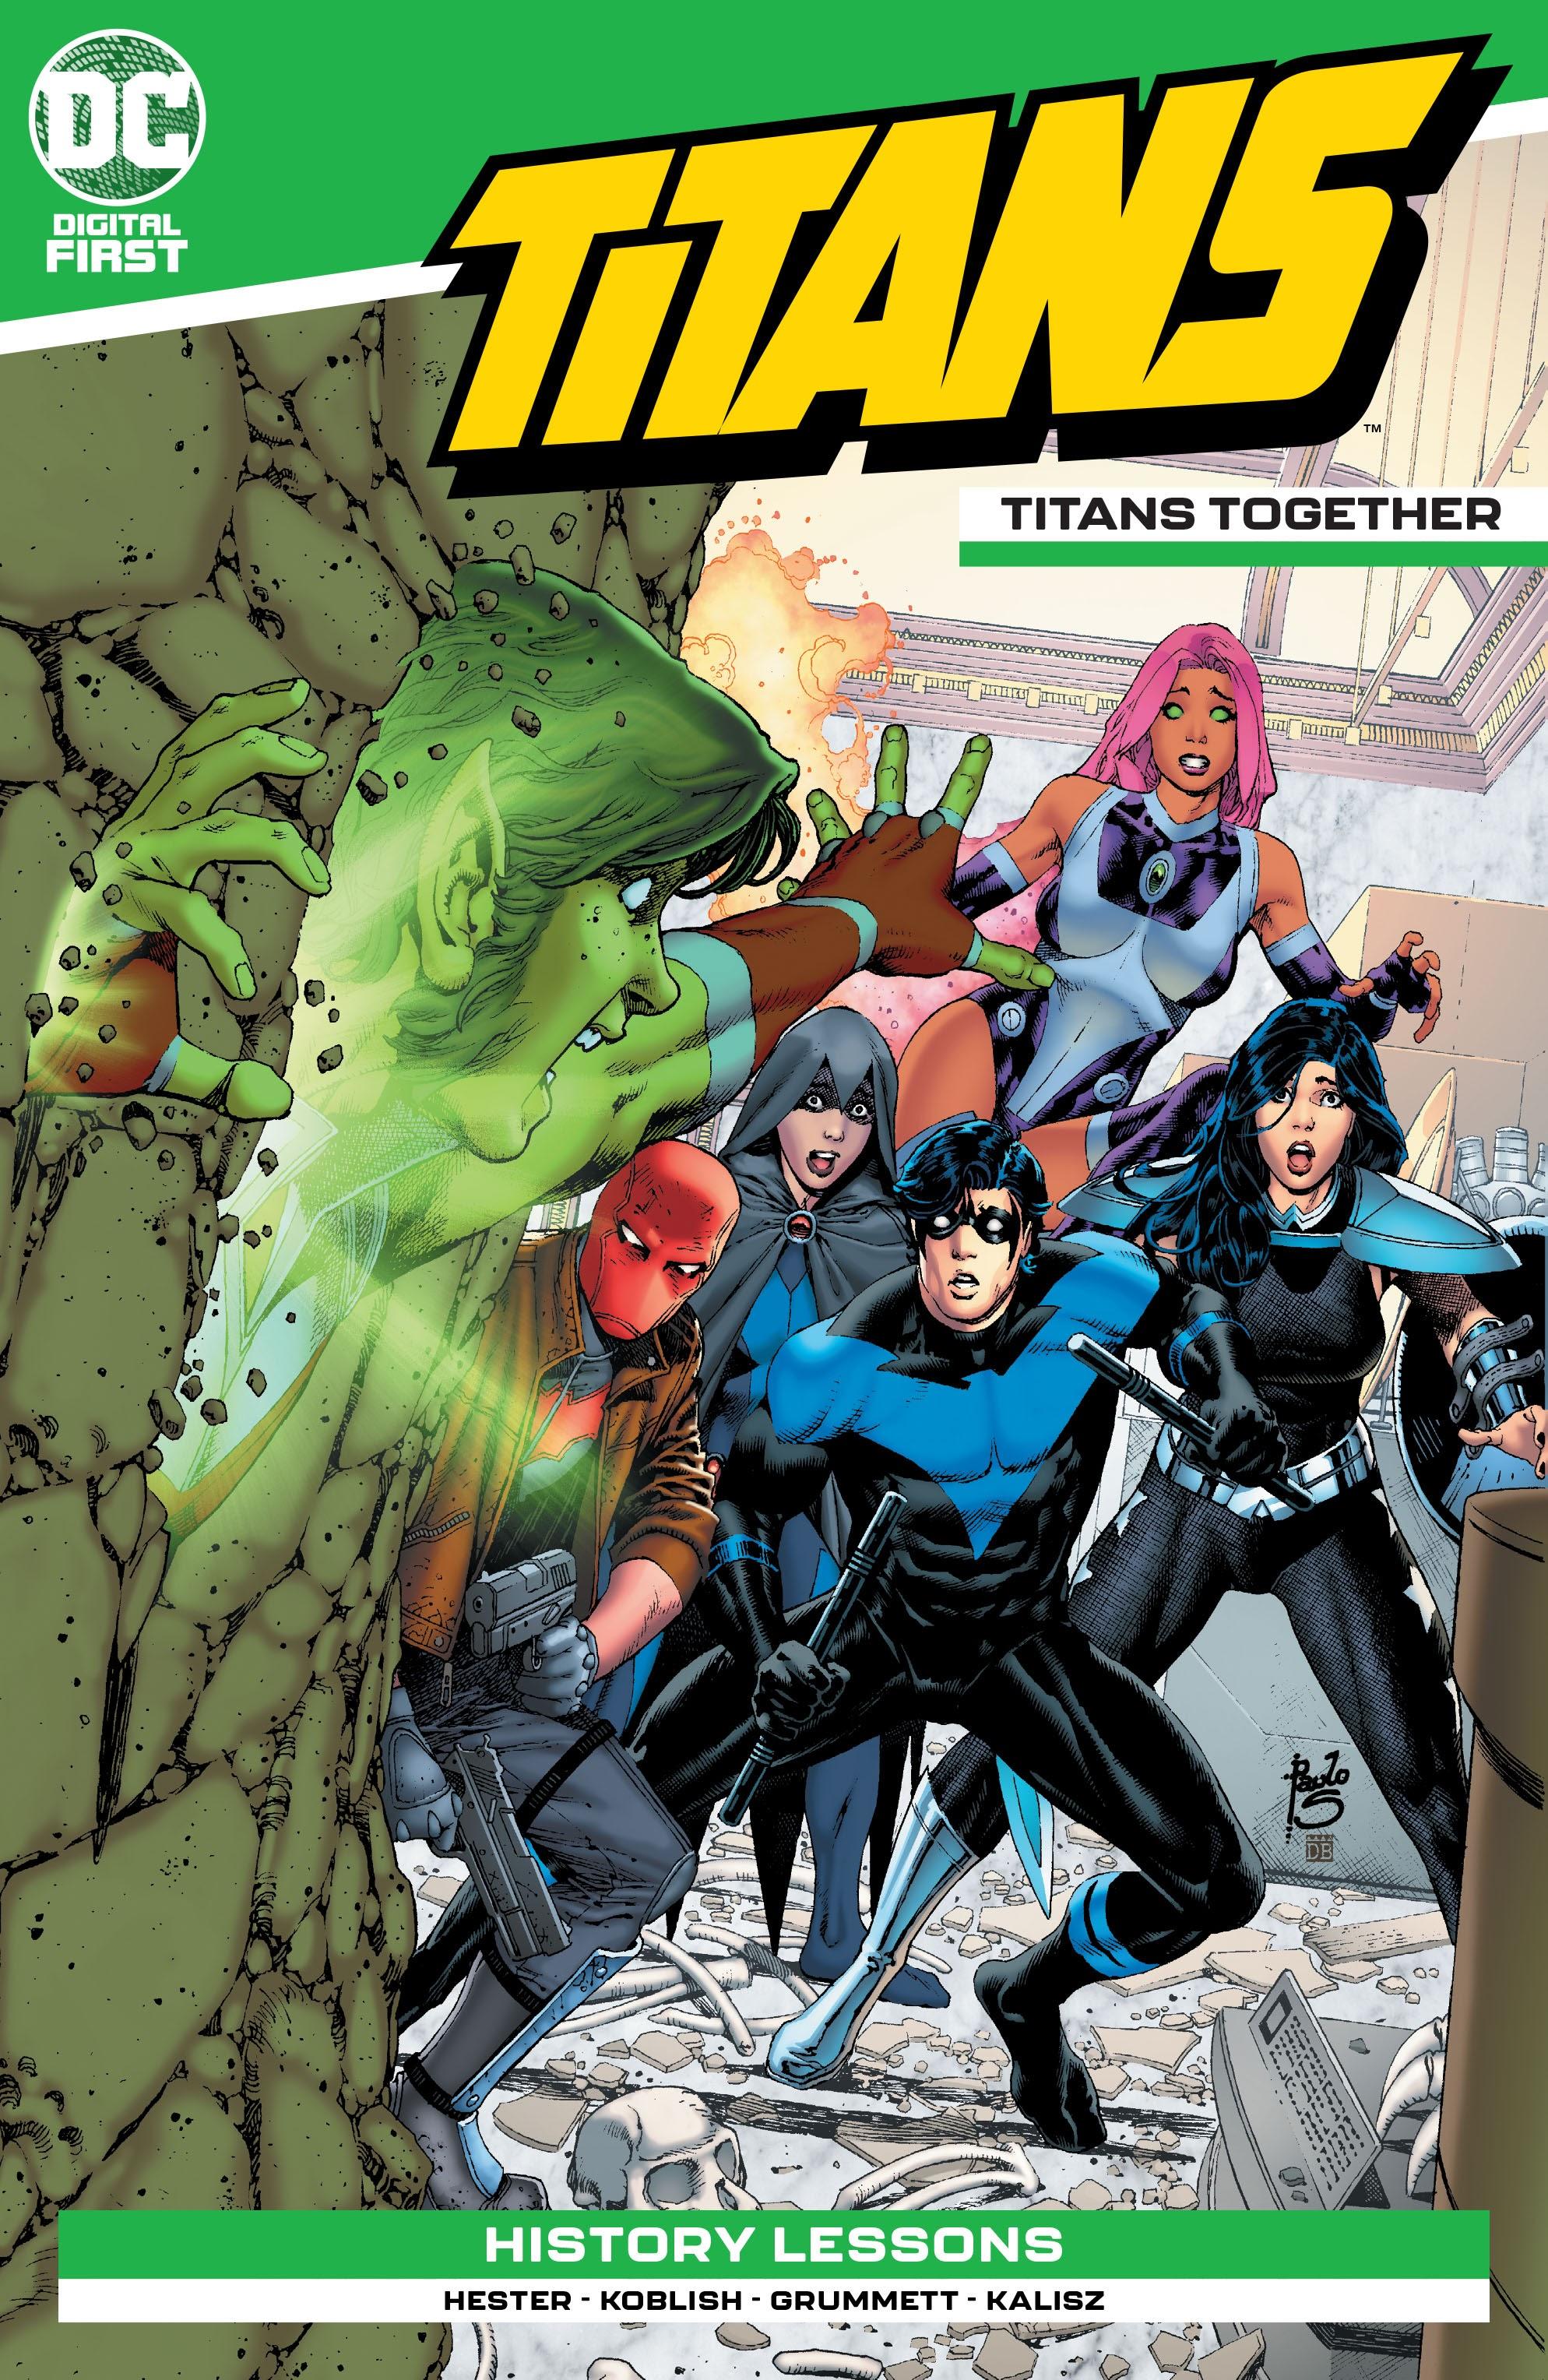 Titans: Titans Together Vol 1 (Digital)